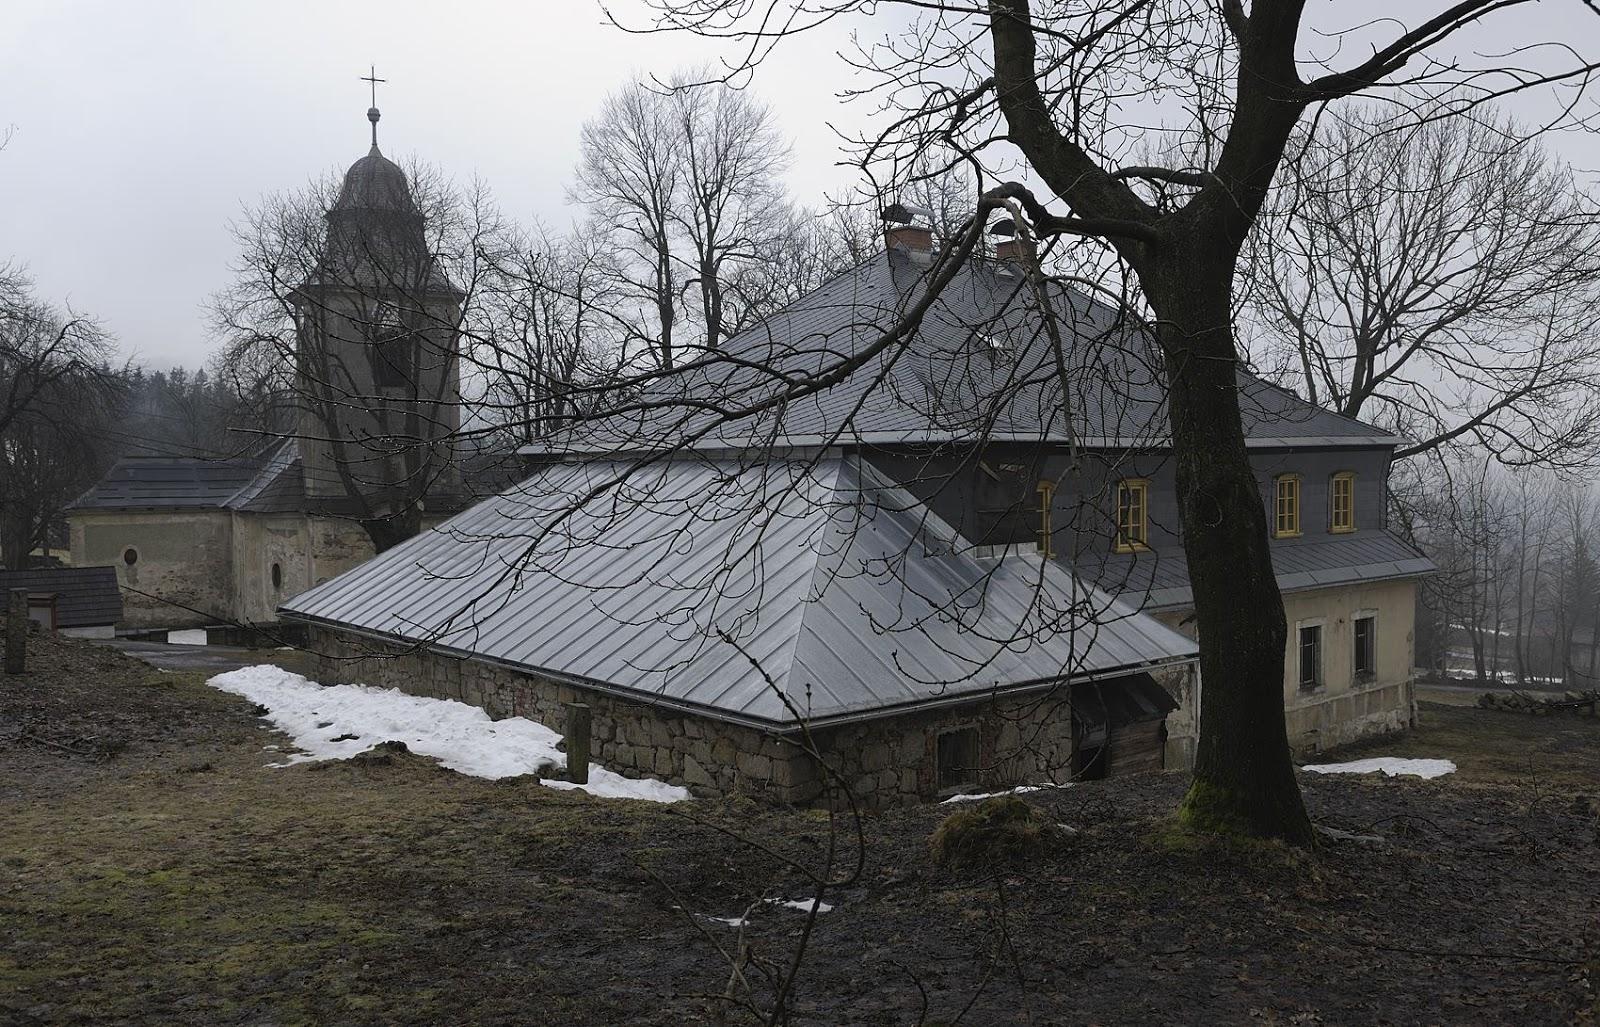 Fara na Krásné, autor: Pavel Hála, 2010